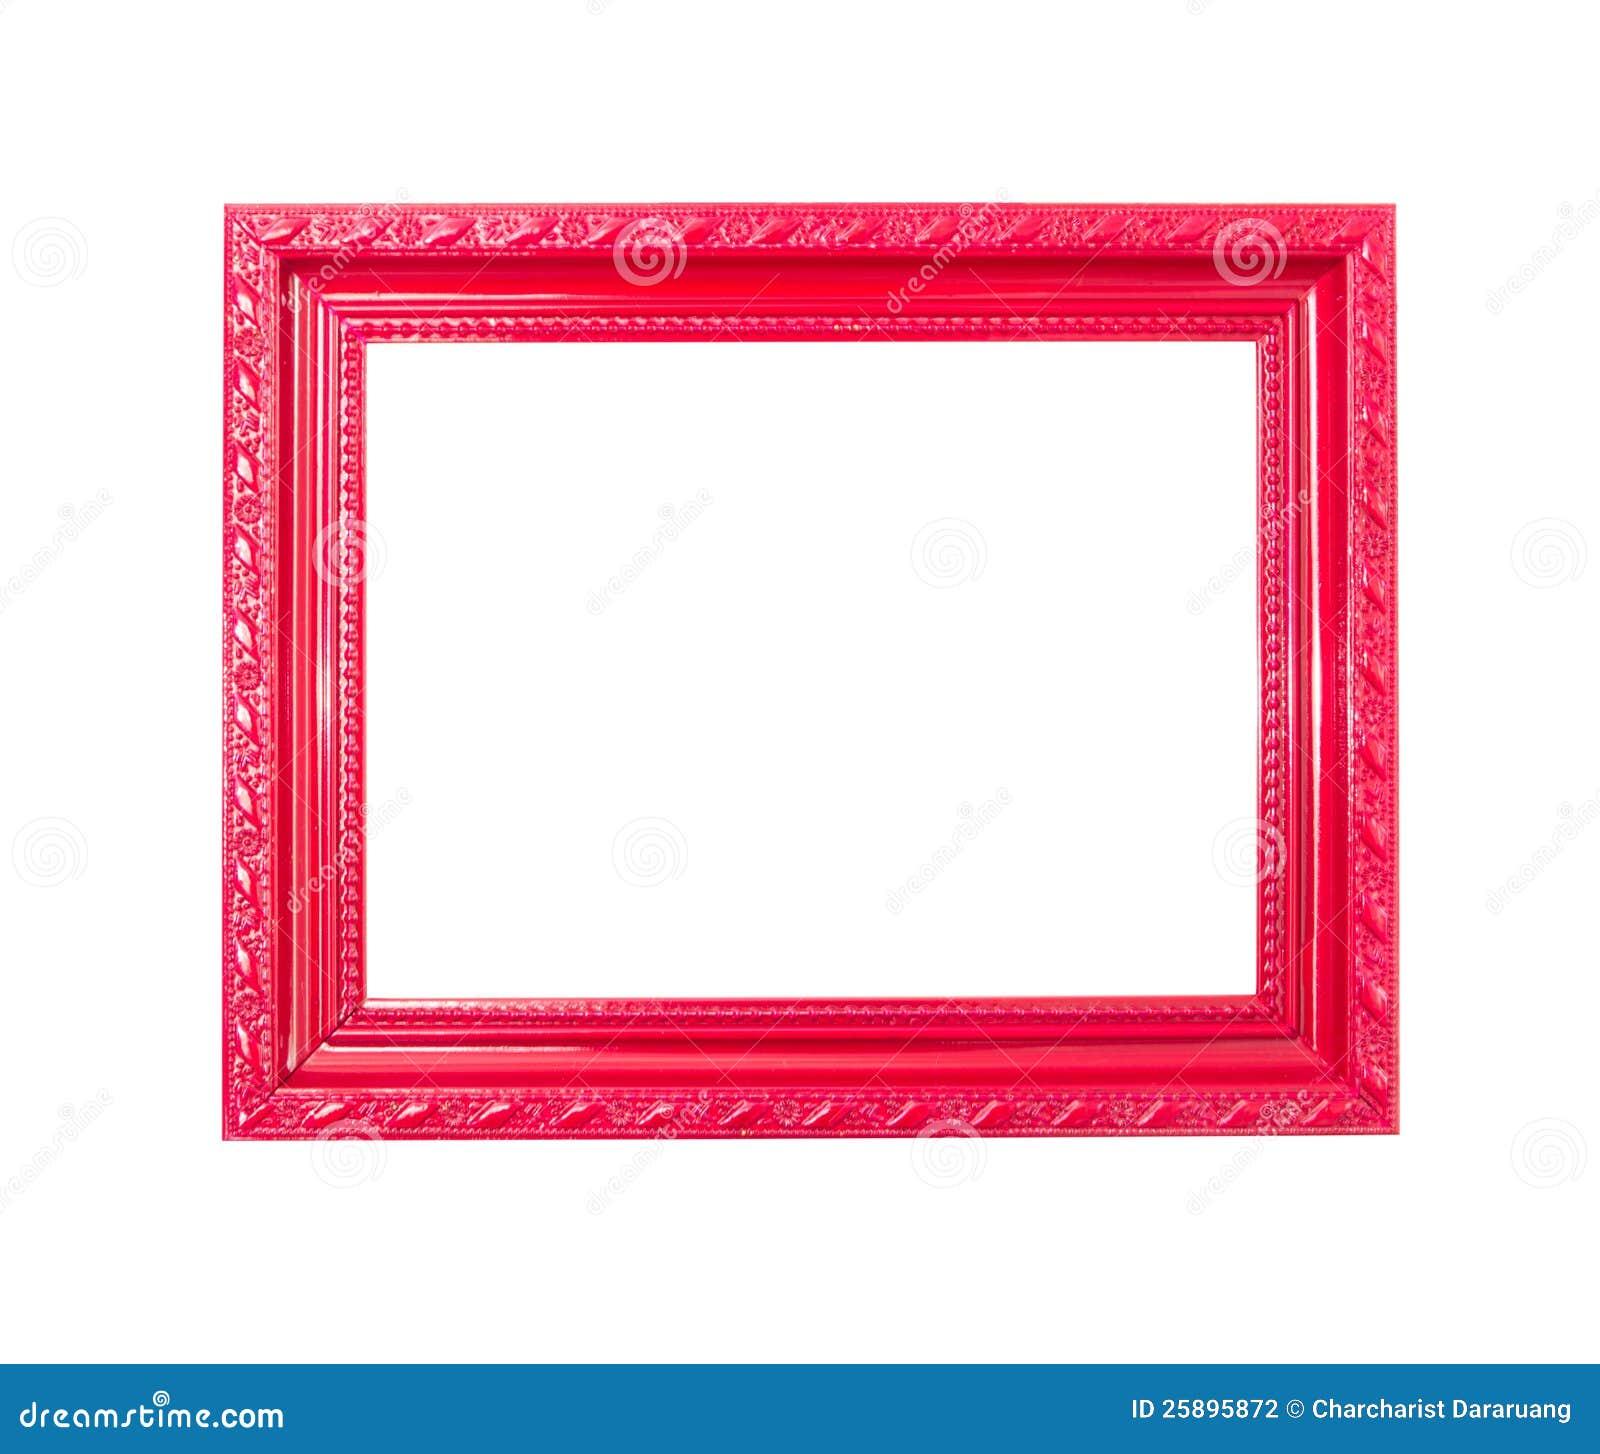 Cadre de tableau rouge de cru sur le fond blanc - Image de cadre de tableau ...